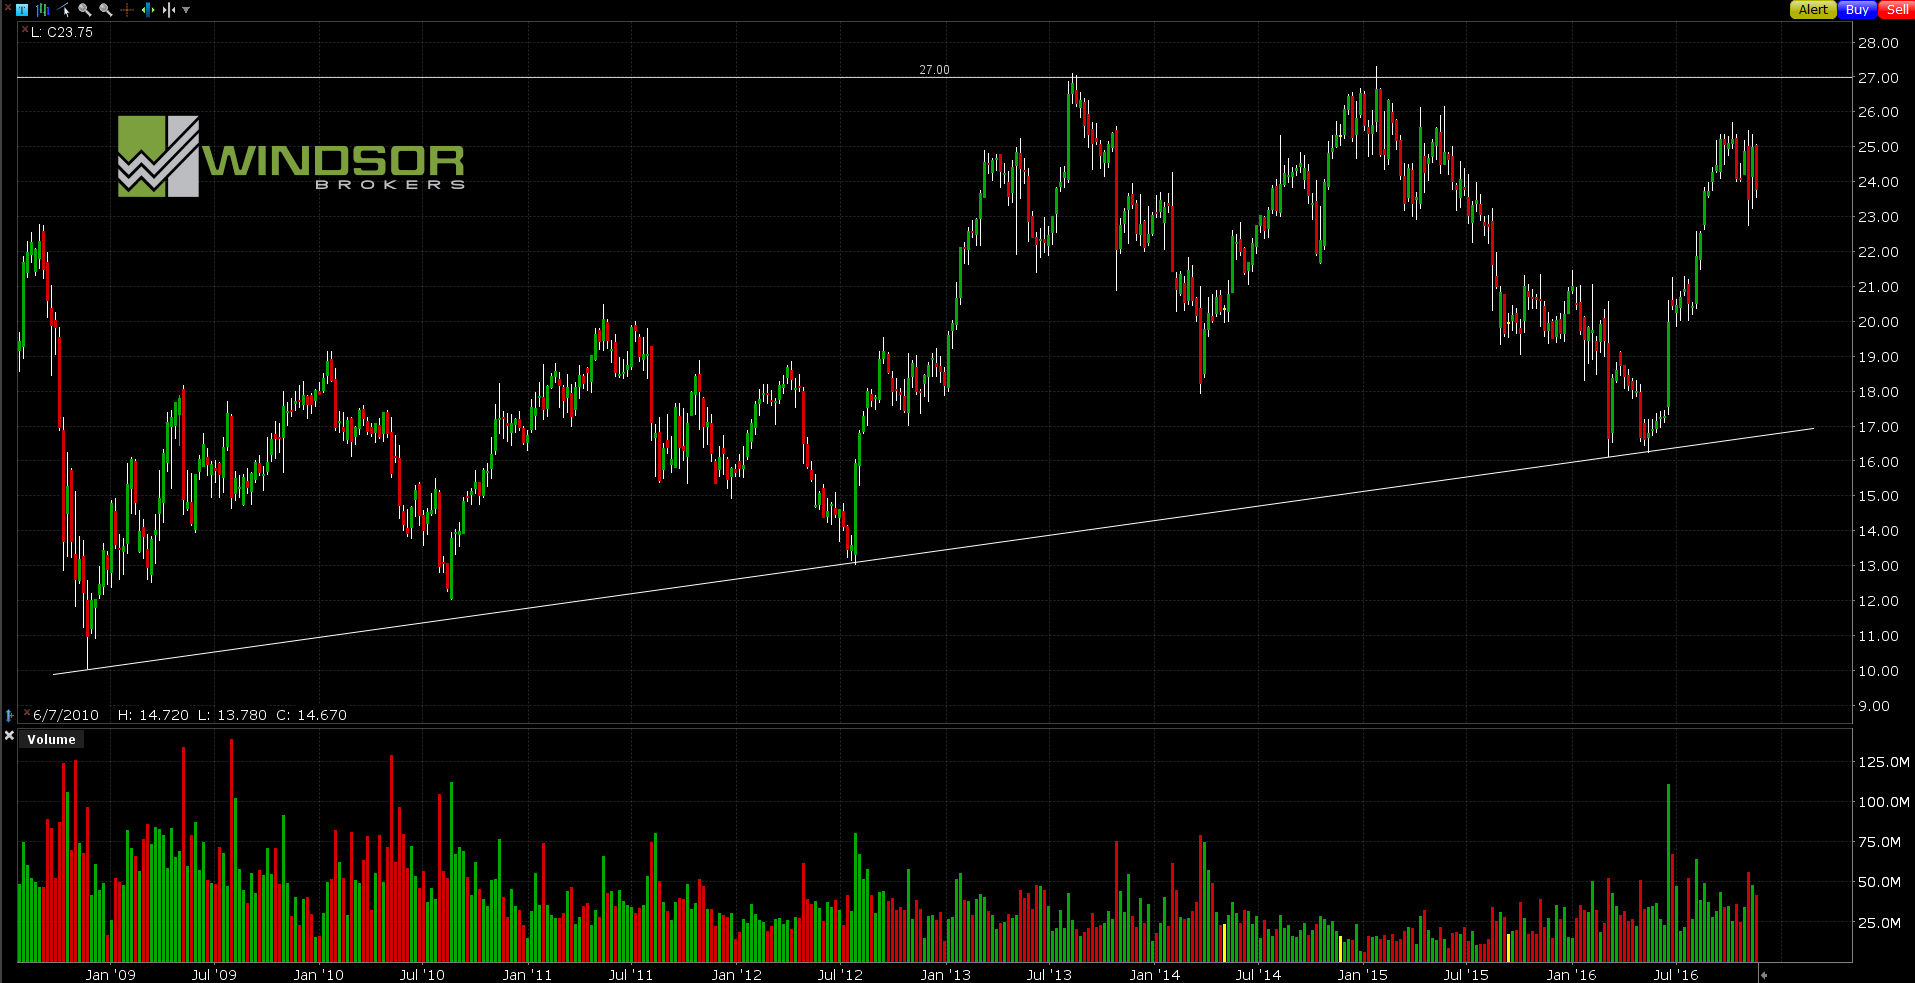 Wykres Symantec dla interwału W1. All Markets Online.